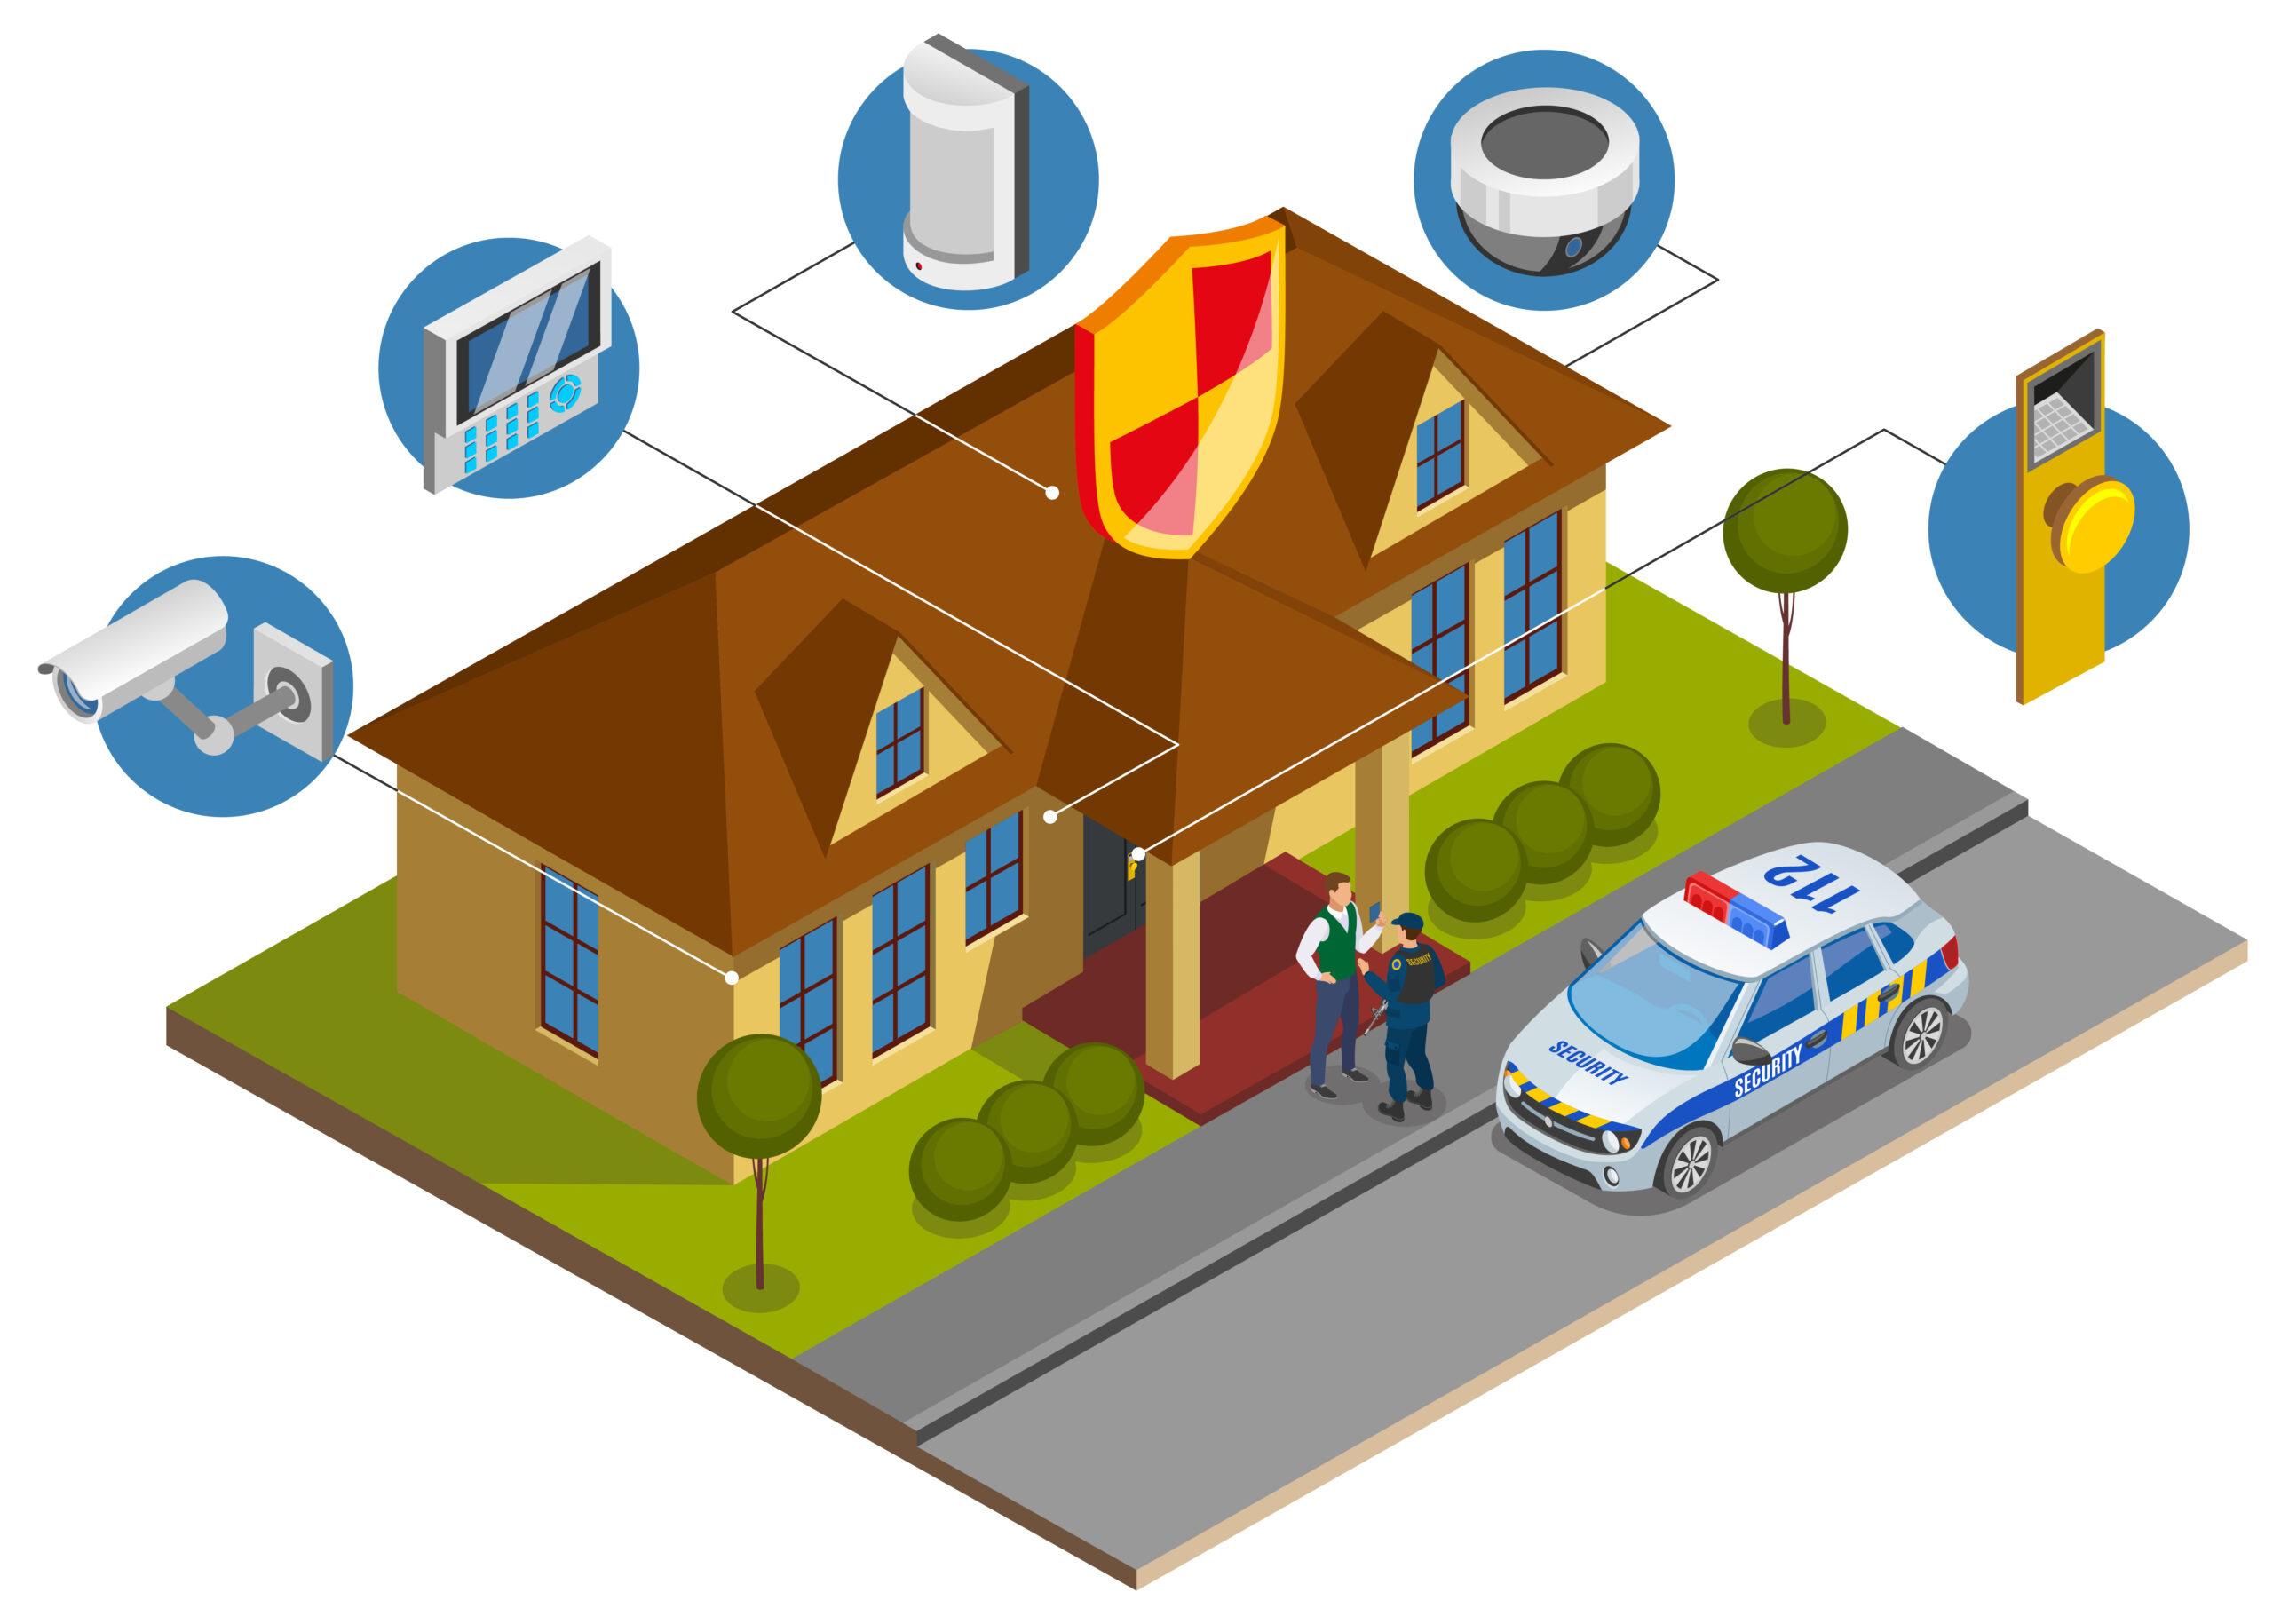 Komponen Perancangan Sistem Kamera CCTV